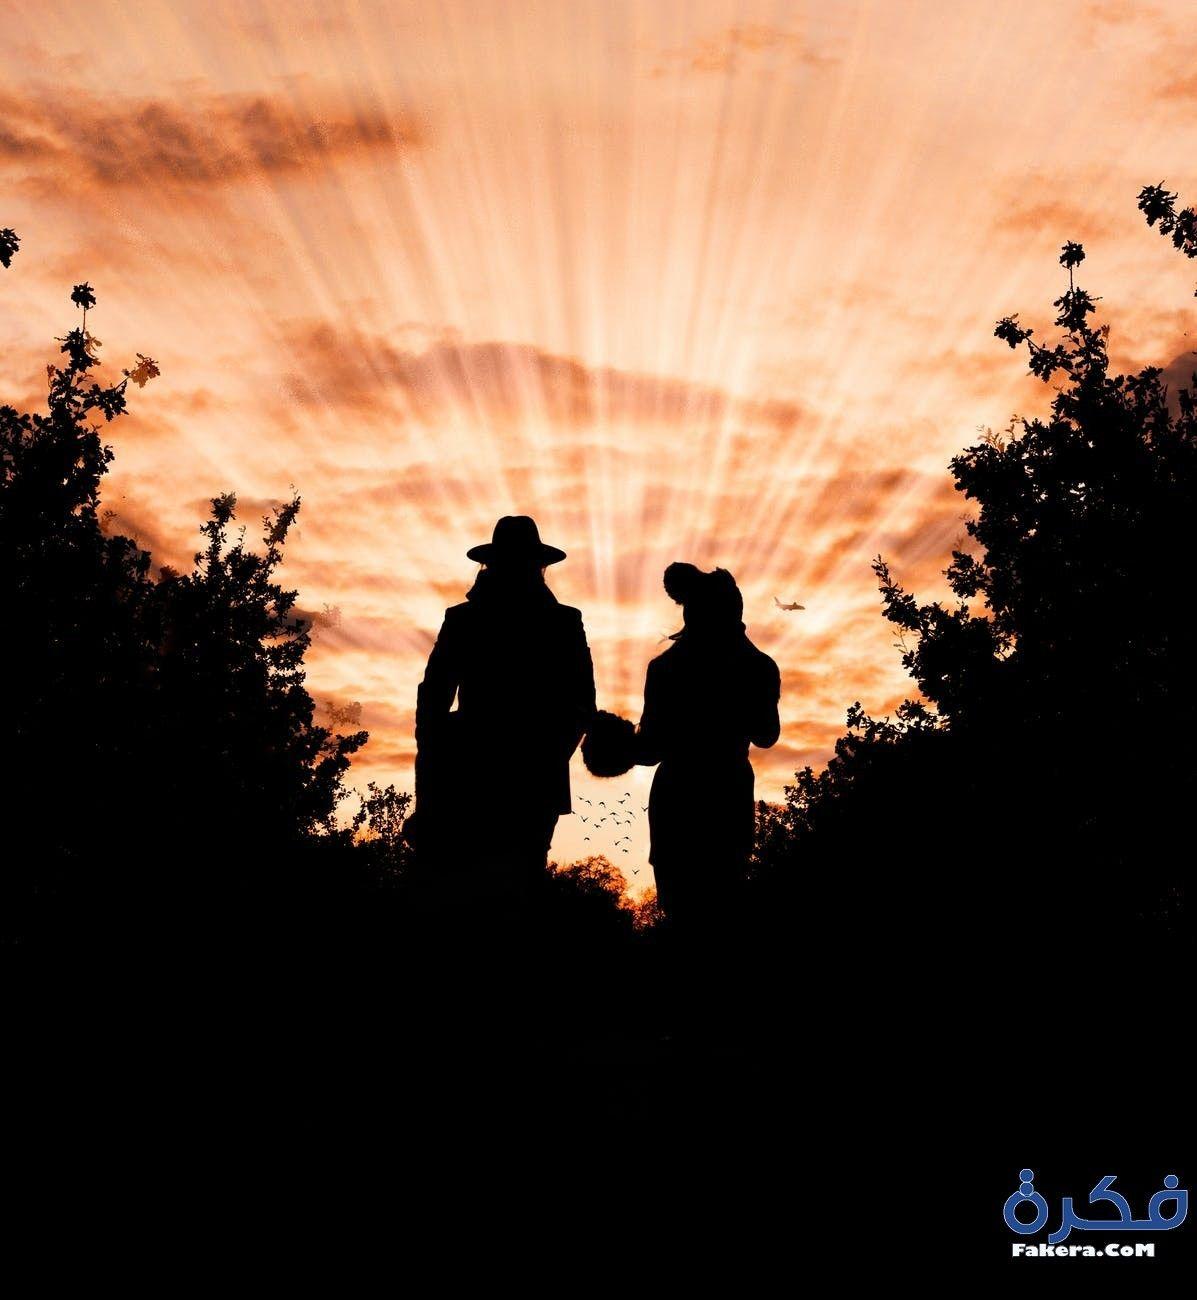 تفسير حلم رؤية موت الزوج او موت الزوجة في المنام موقع فكرة Landscape Silhouette Photos Sunset Photos